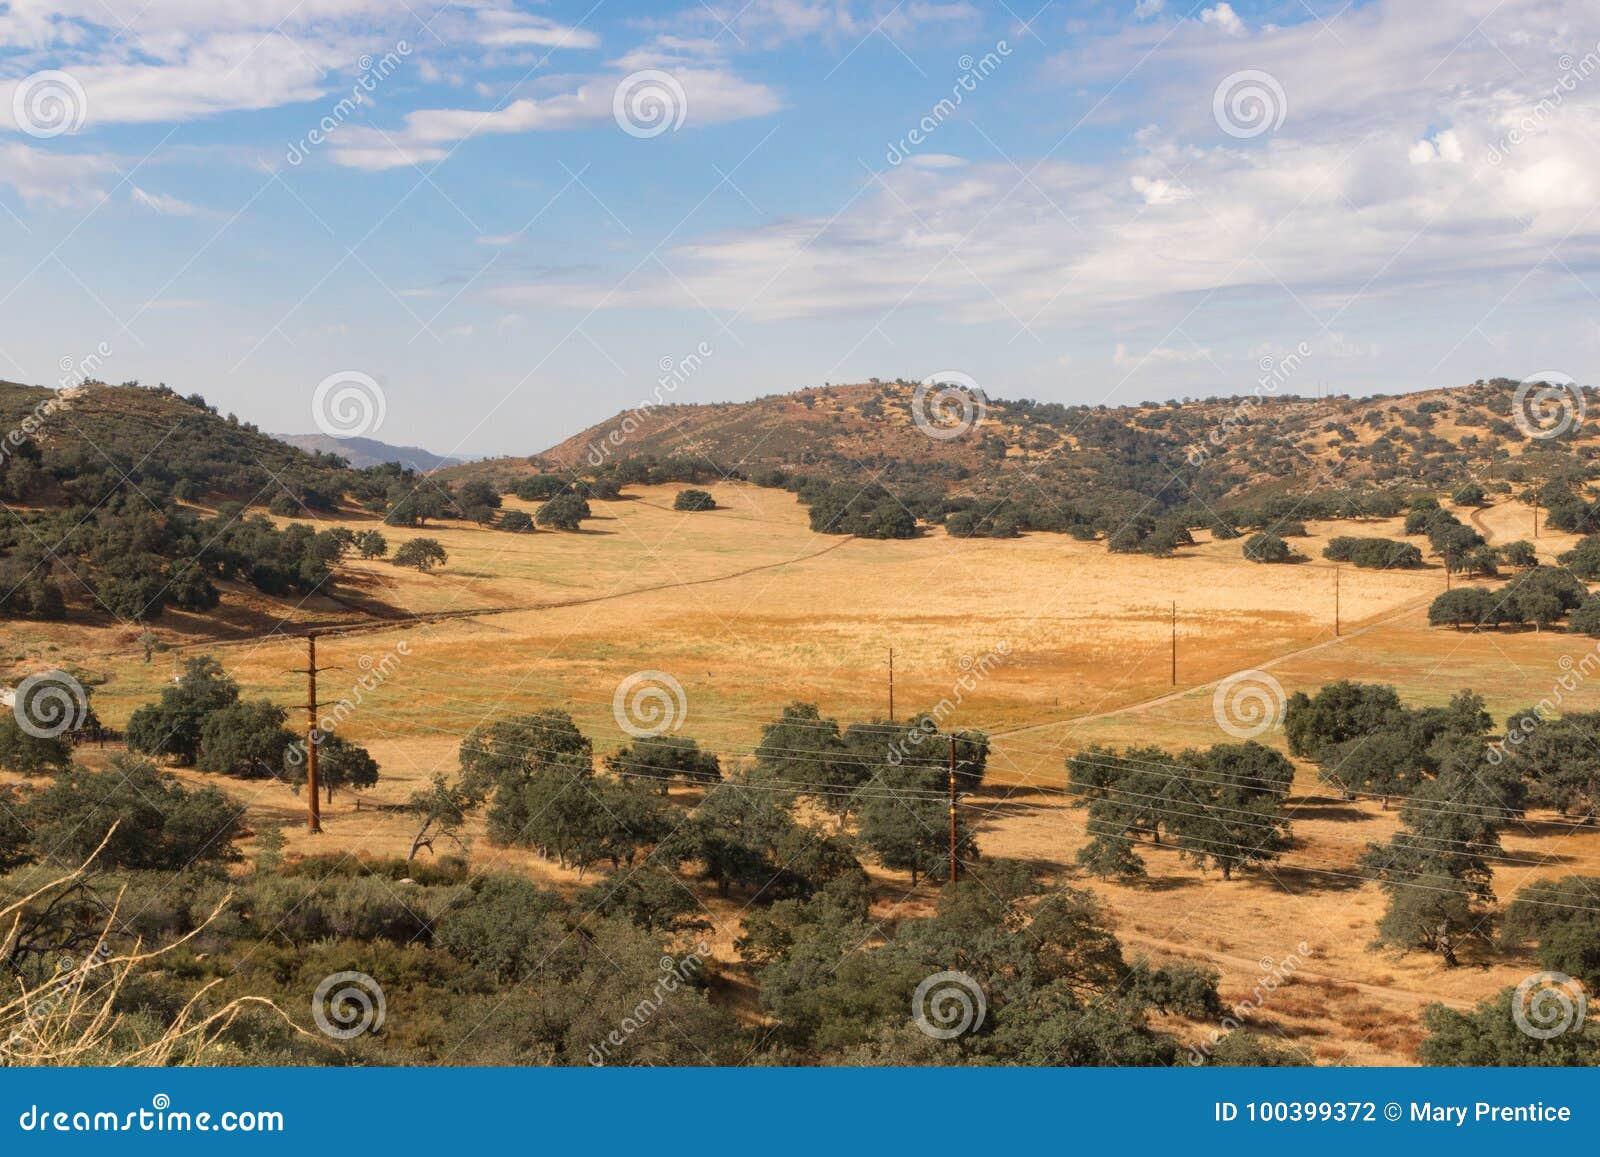 Campi dorati, grano saraceno, querce, nuvole di pioggia di tuono